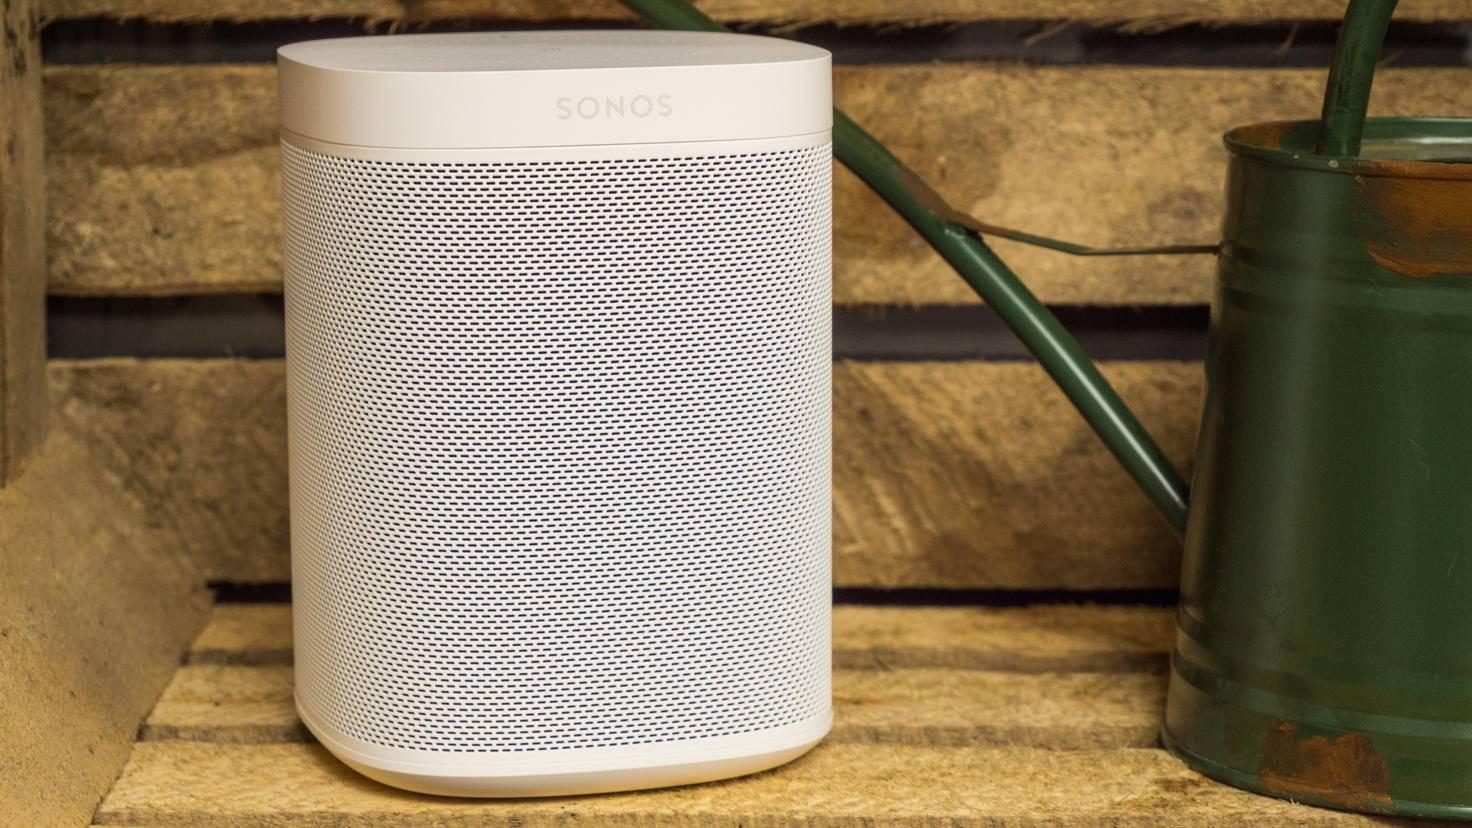 Mit Alexa lassen sich zum Beispiel die Sonos-Play1-Lautsprecher bedienen.